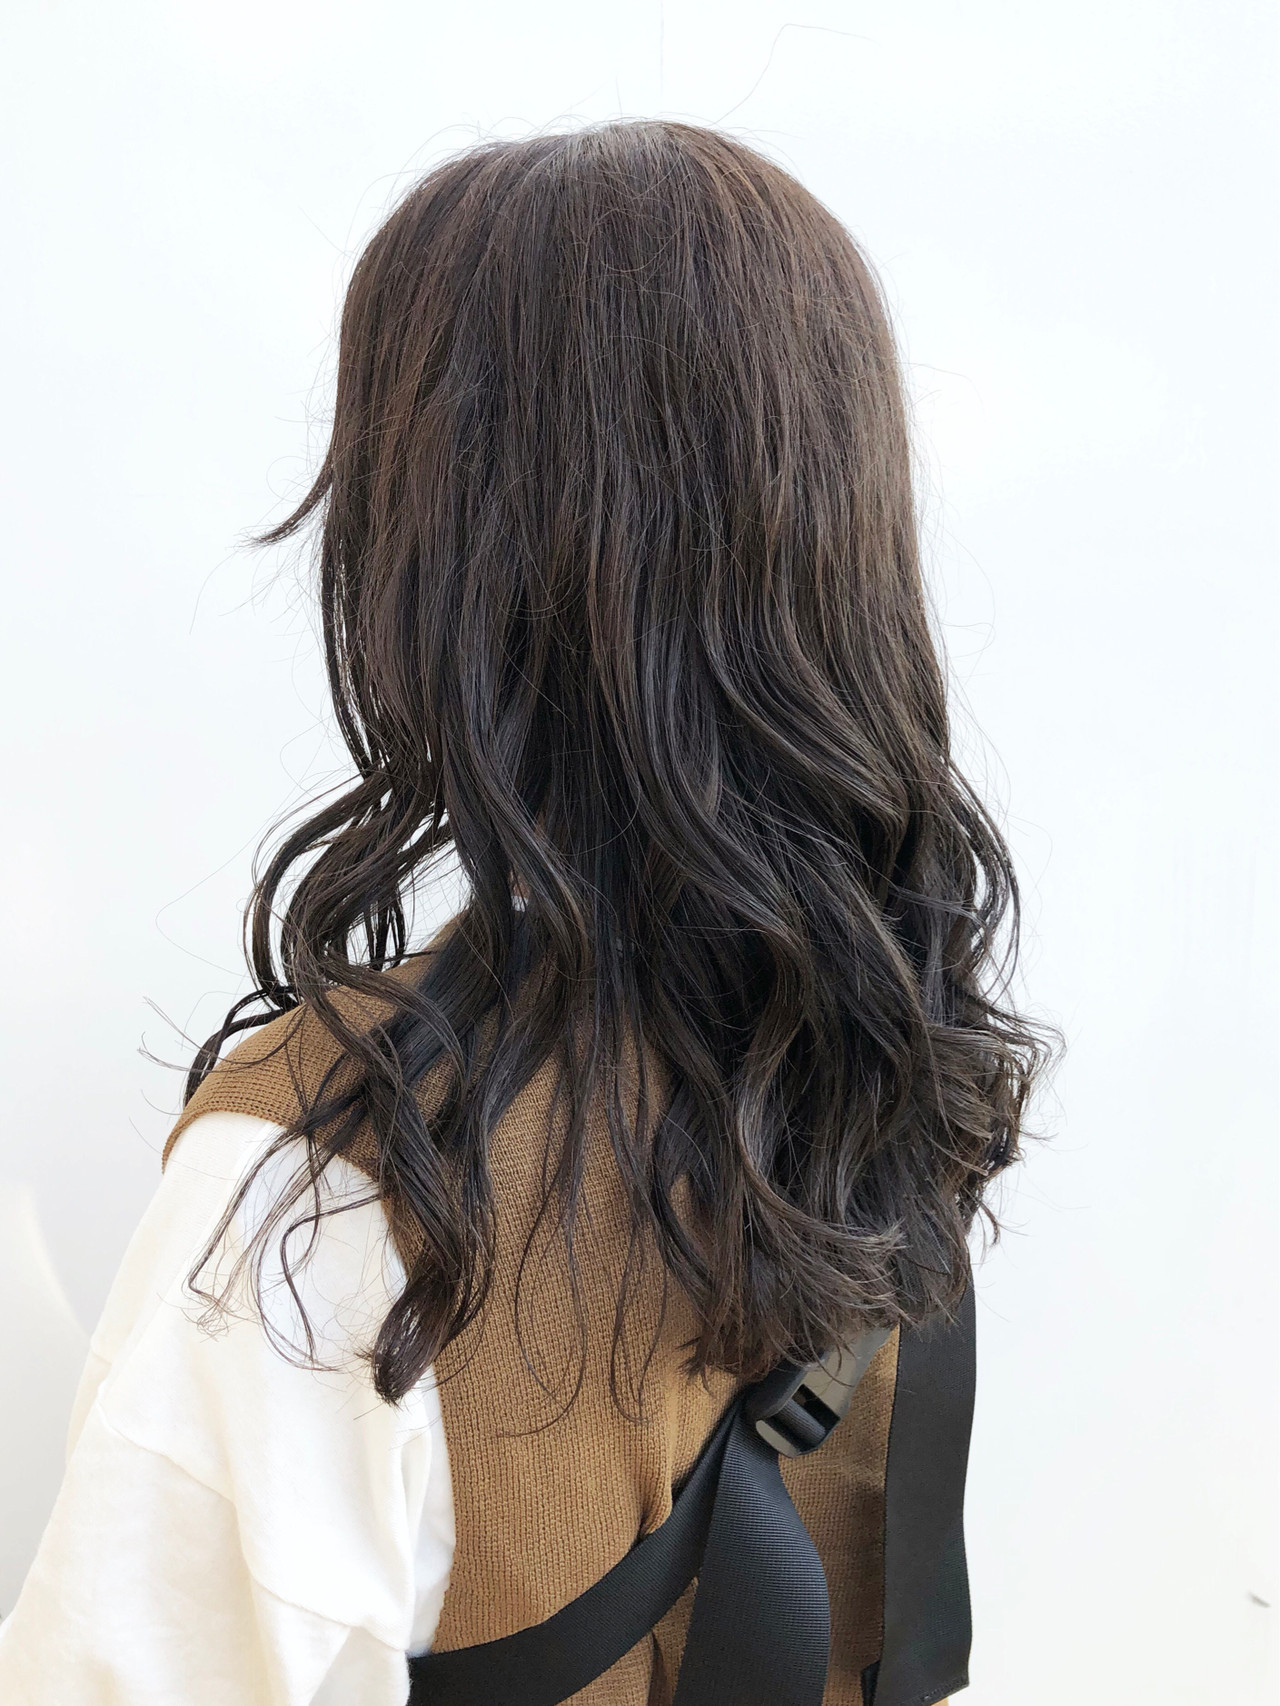 カーキ ロング カーキアッシュ ナチュラル ヘアスタイルや髪型の写真・画像